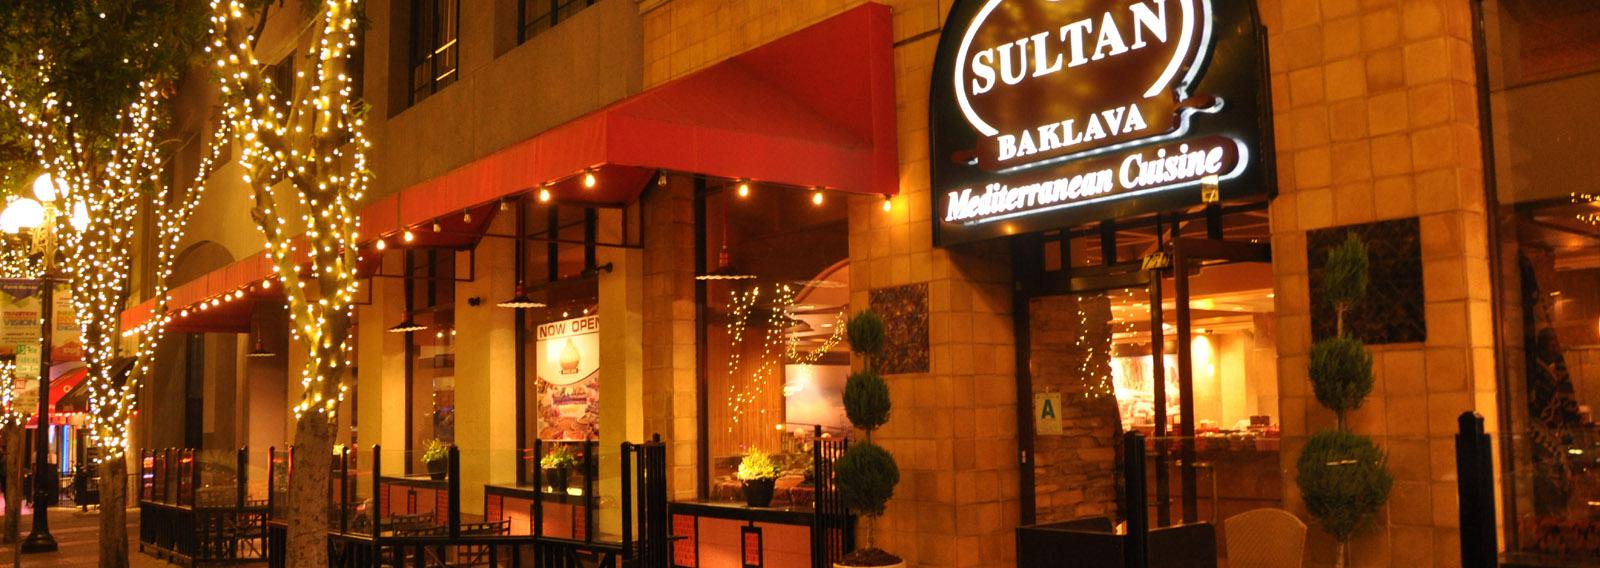 Sultan Baklava Mediterranean Cuisine A San Diego Turkish